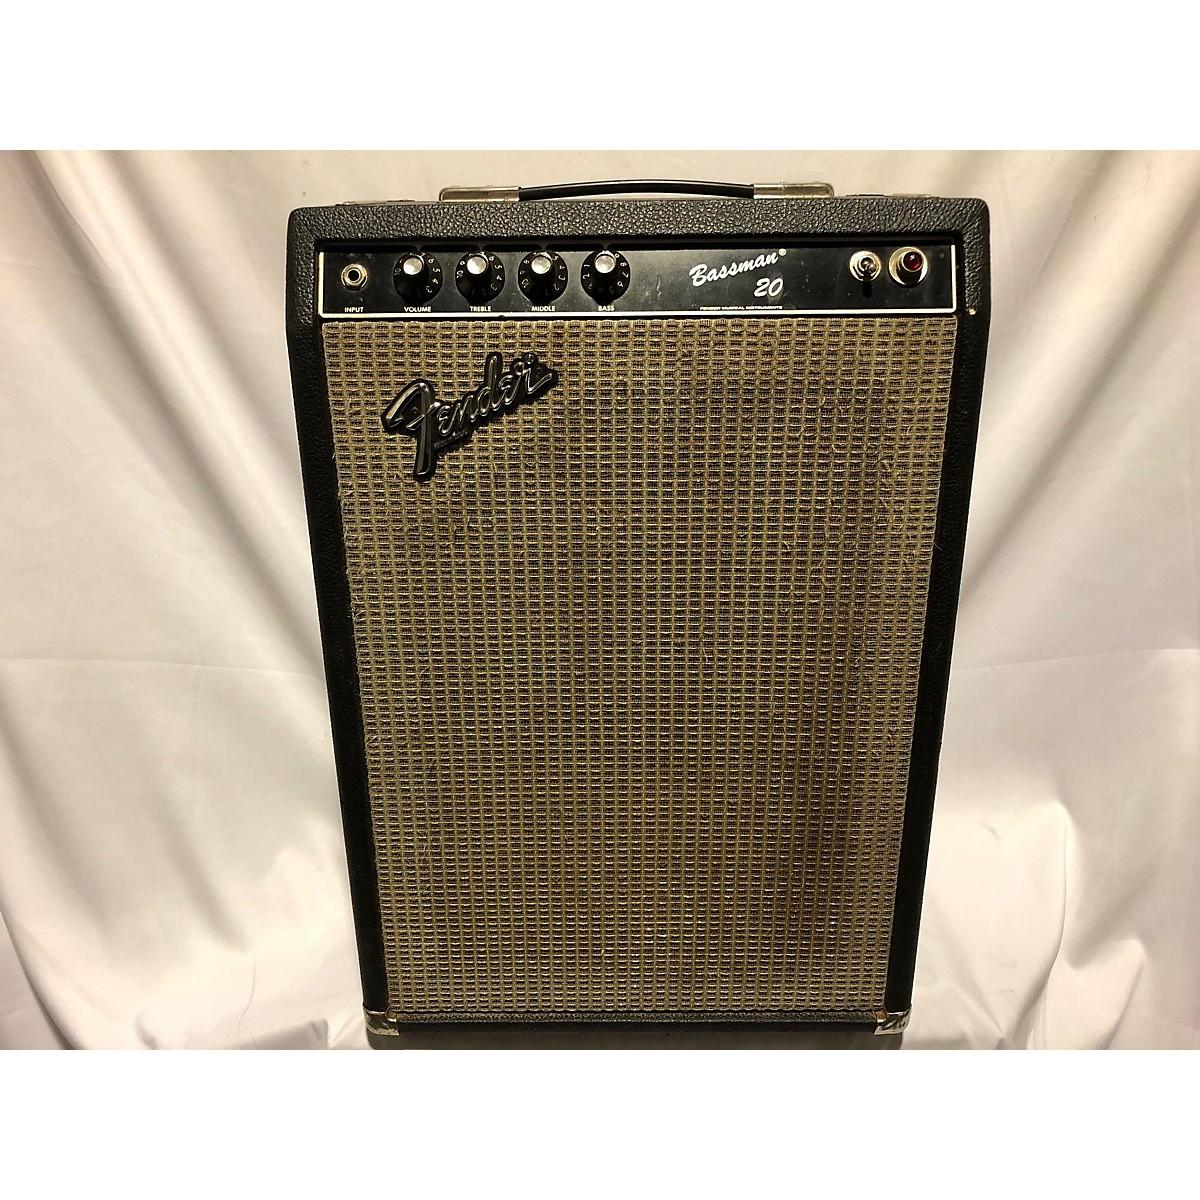 Fender 1980s Bassman 20 Tube Bass Combo Amp